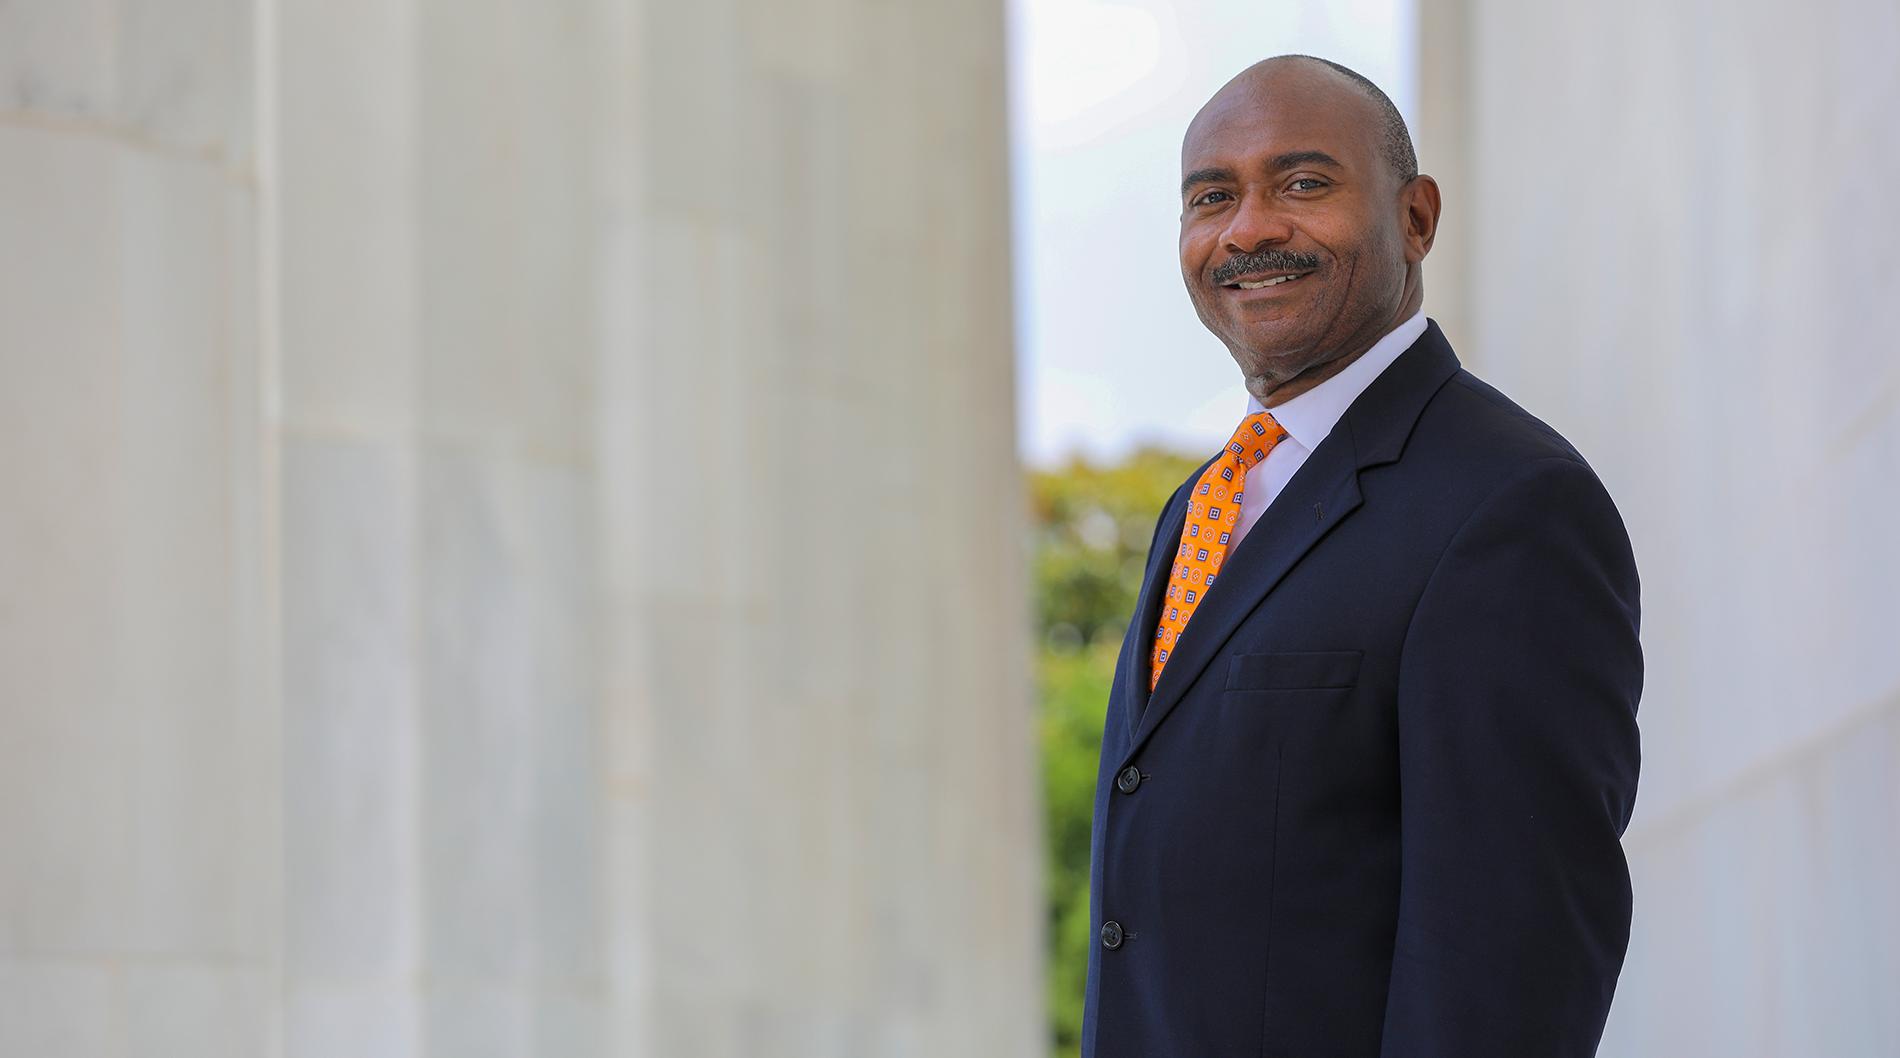 VP Johnson Begins Tenure as President of CAS